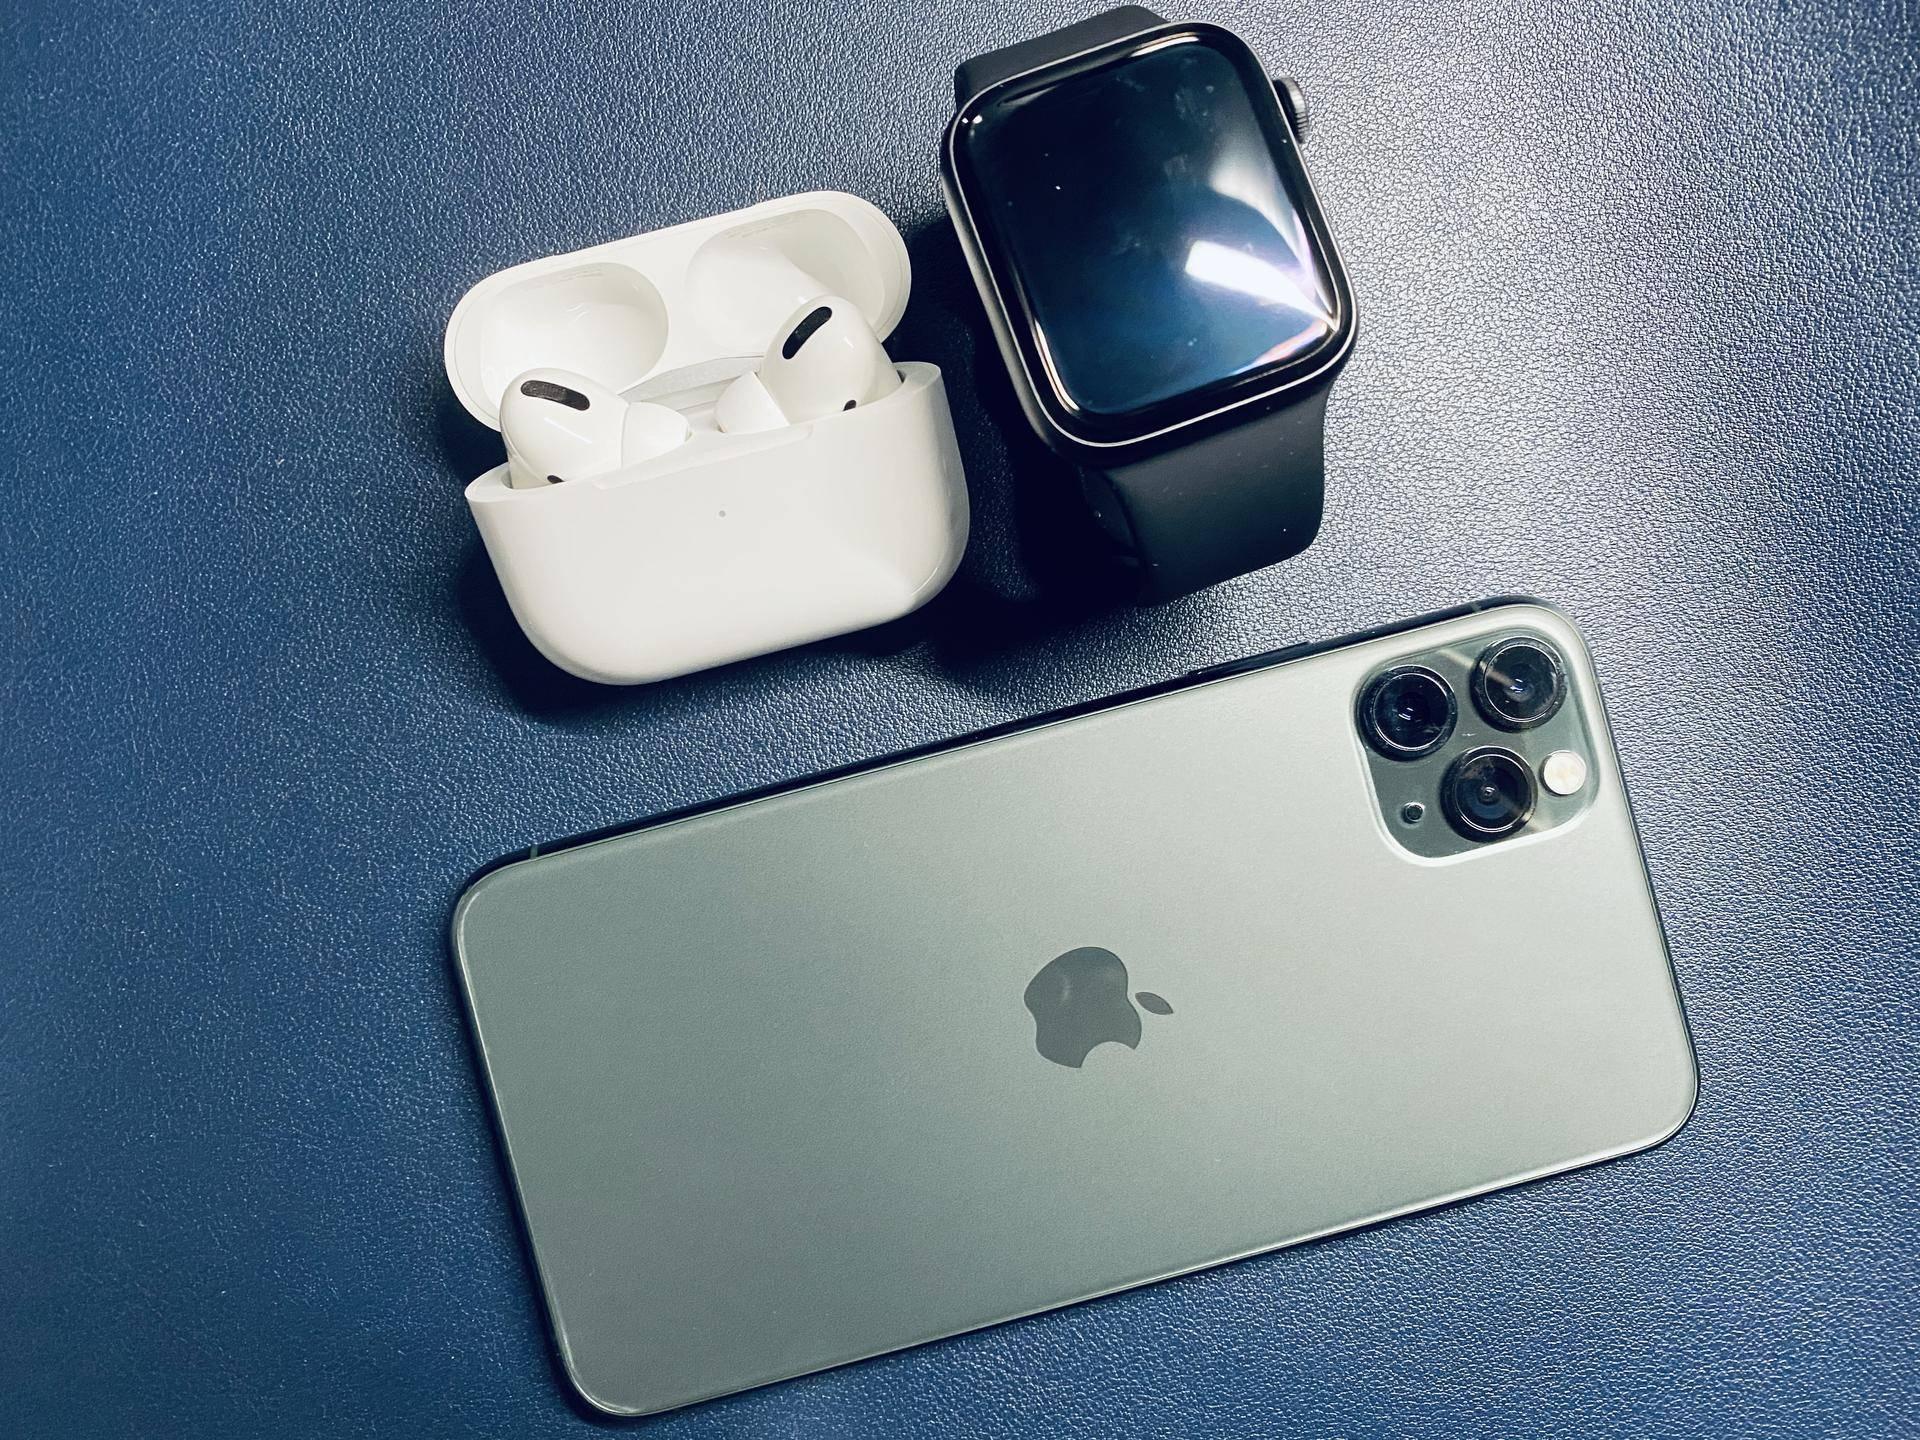 原创             买了 iPhone 只能用来娱乐?凑齐三件套,让我们榨取苹果的生产力